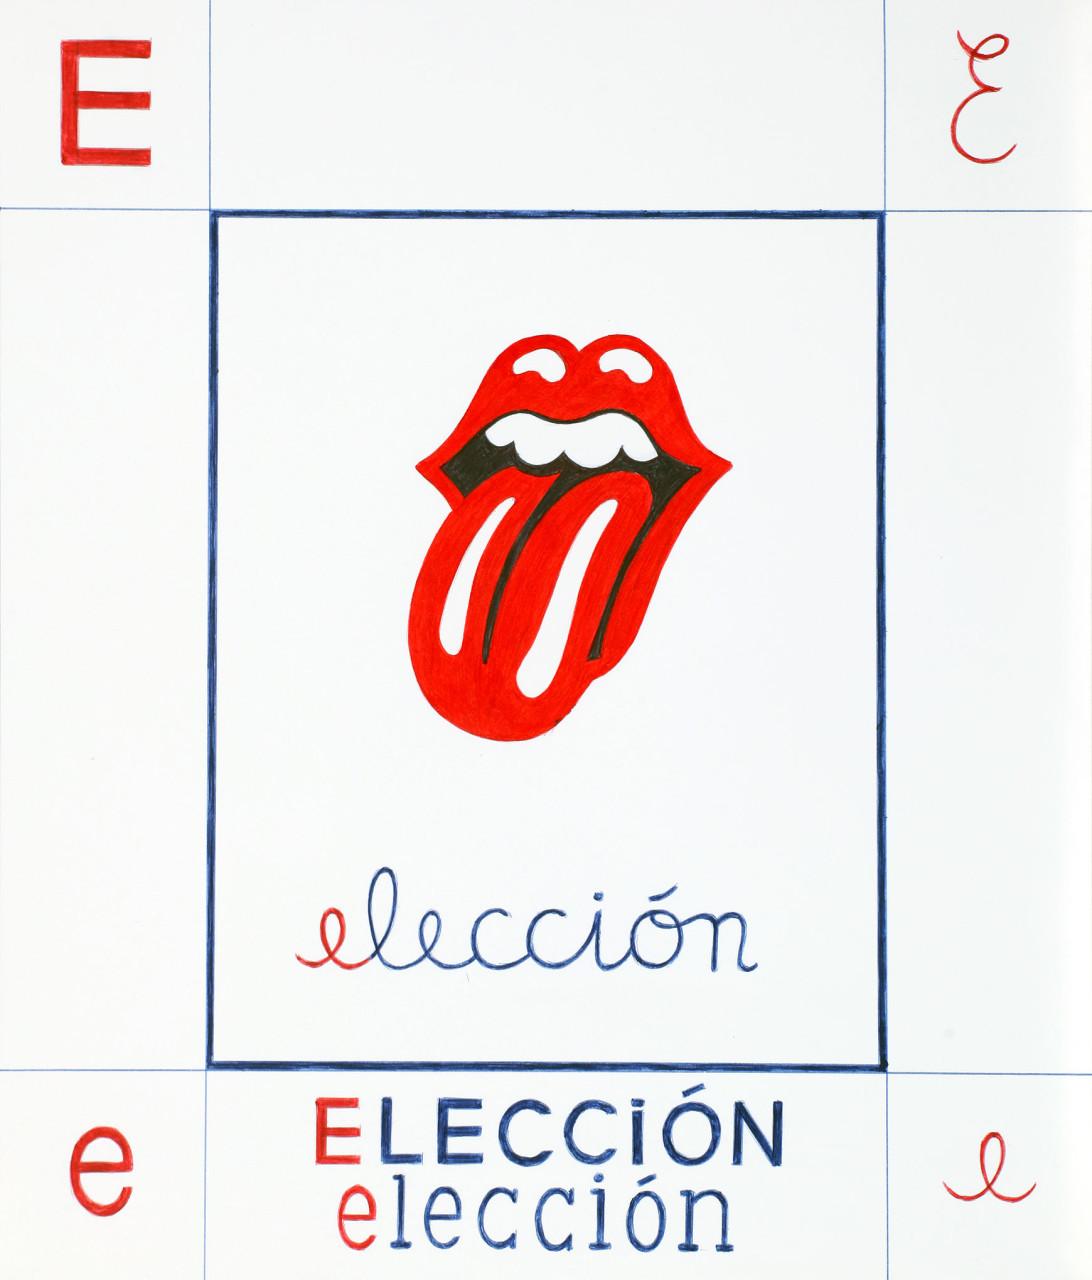 11E-eleccion_bassa